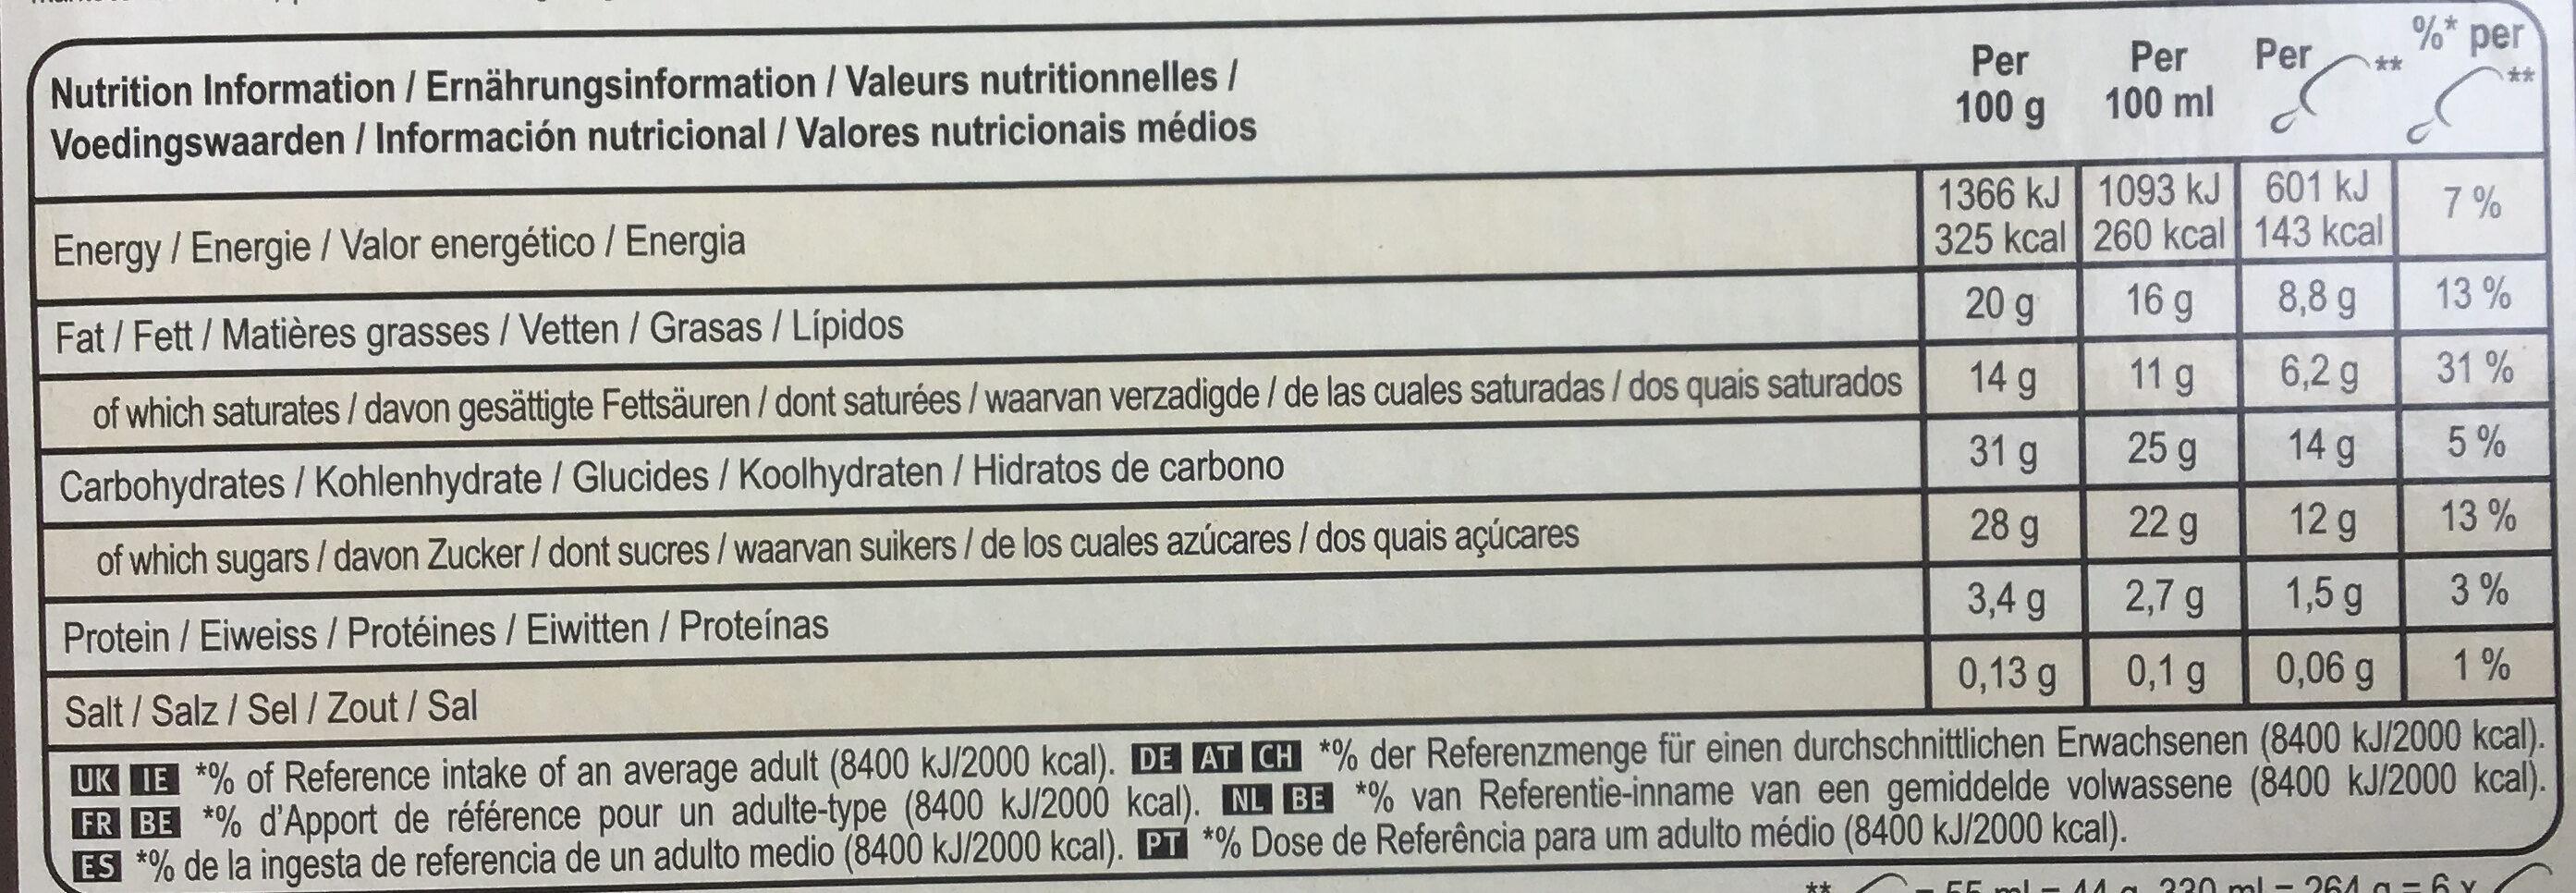 Magnum Glace Bâtonnet Mini Classic x6 330ml - Informazioni nutrizionali - fr